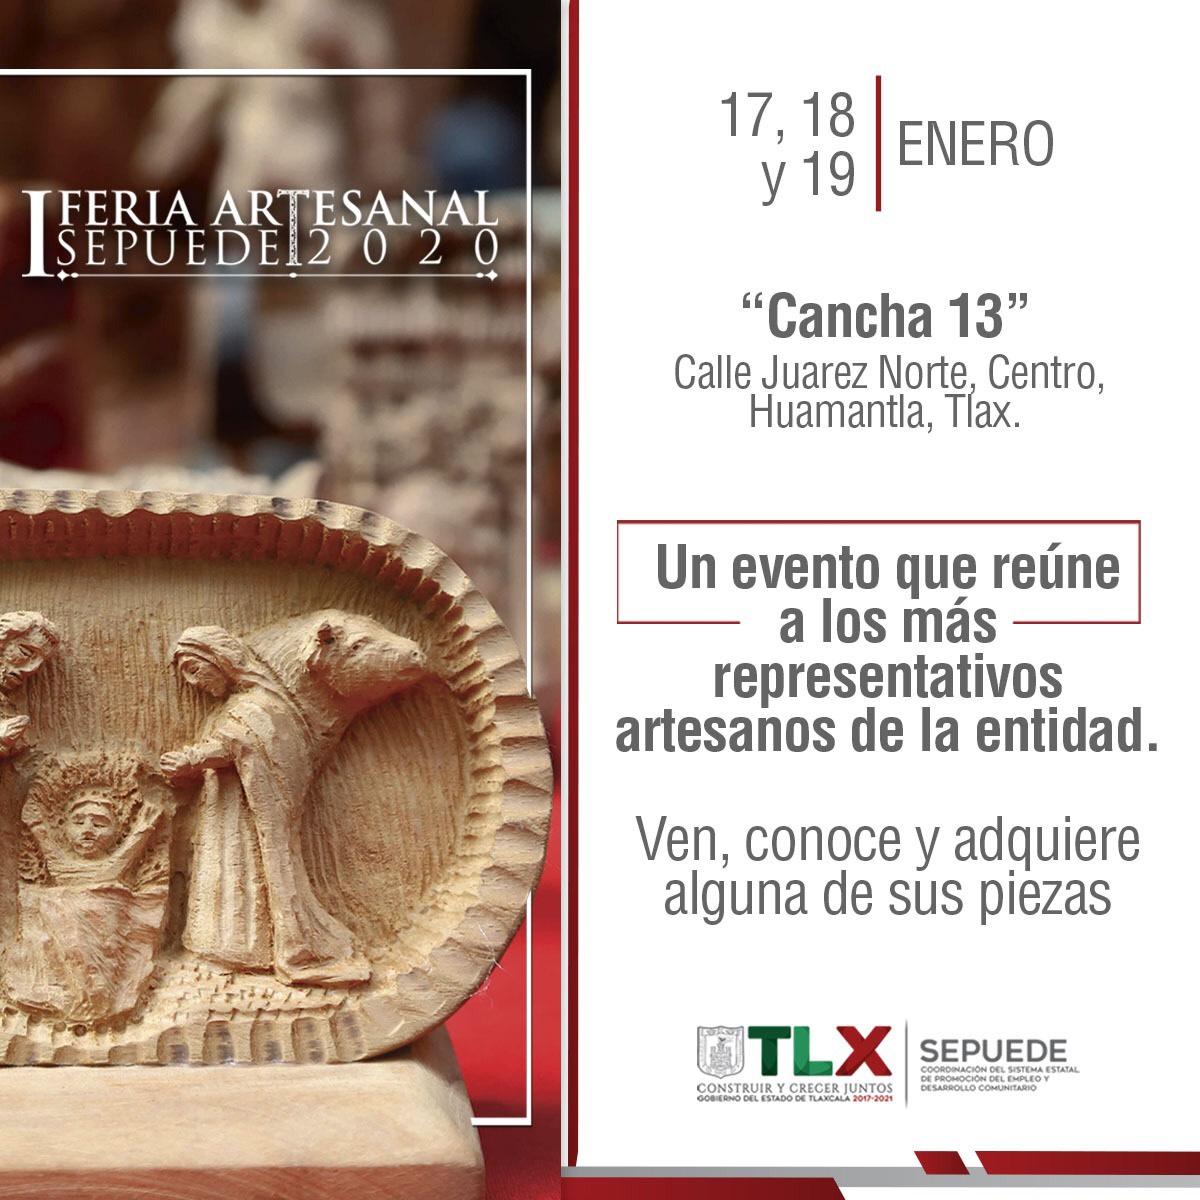 """PARTICIPARÁN 70 PRODUCTORES EN LA """"FERIA ARTESANALSEPUEDE2020"""